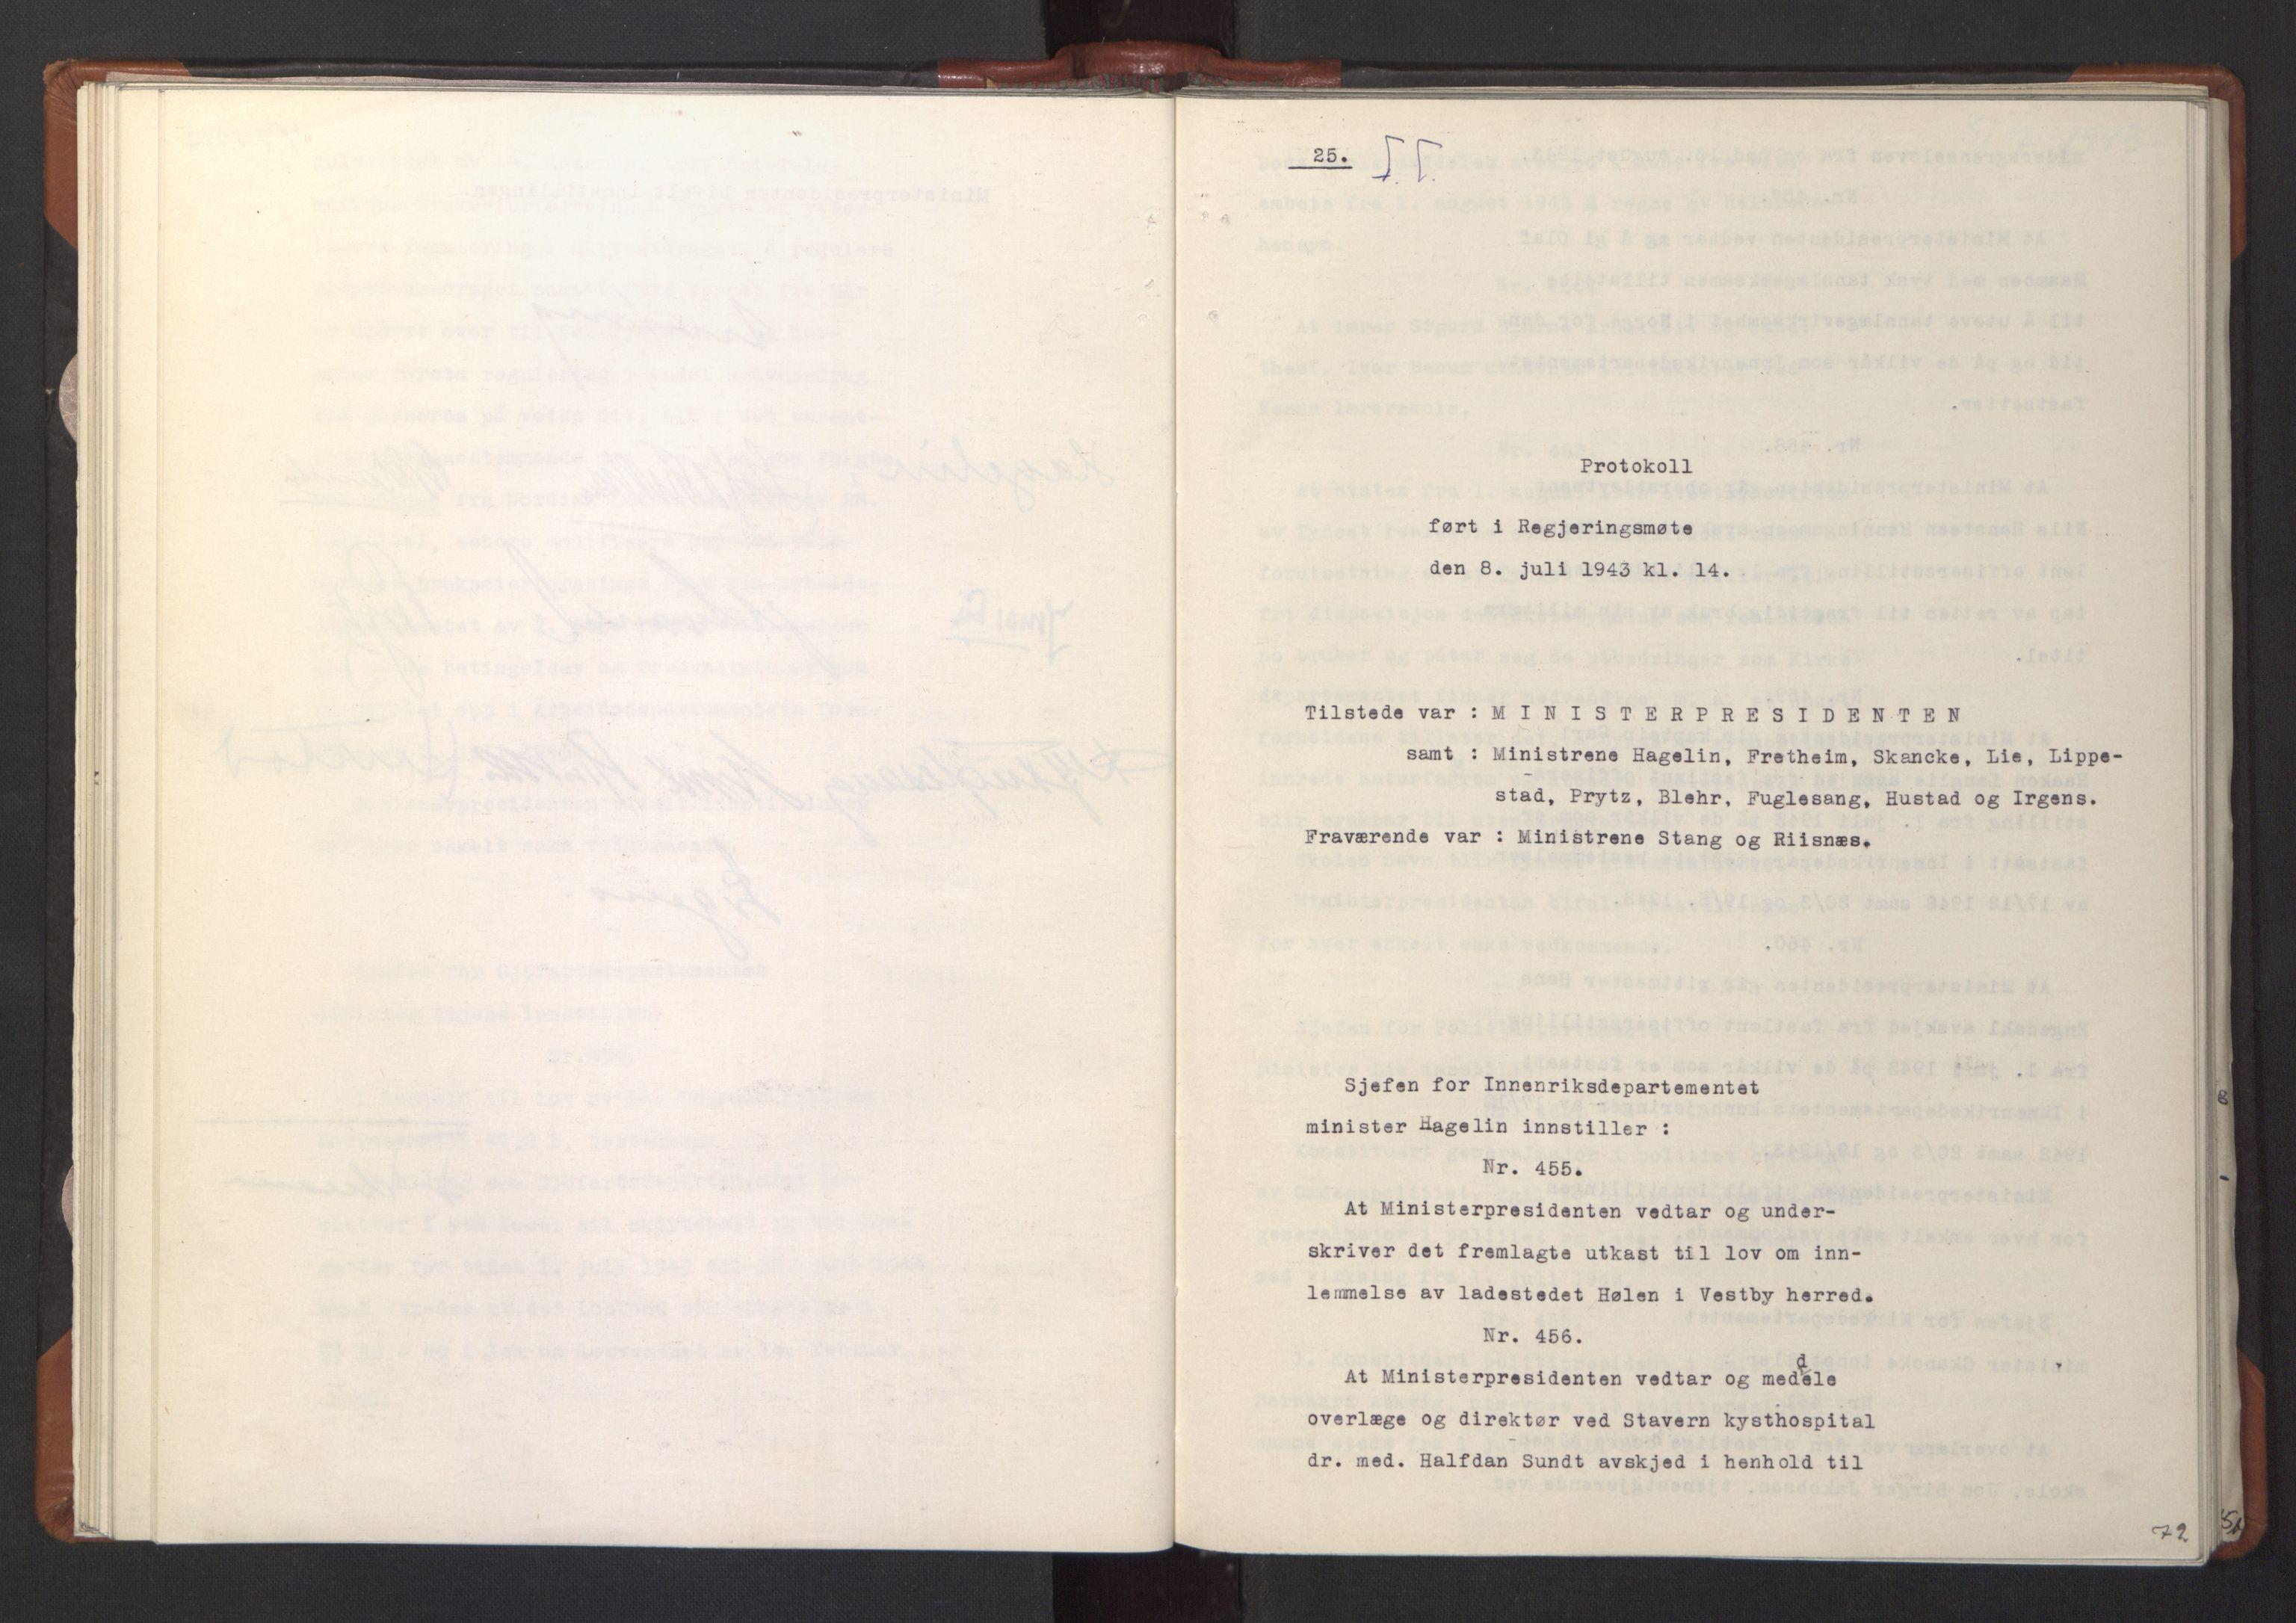 RA, NS-administrasjonen 1940-1945 (Statsrådsekretariatet, de kommisariske statsråder mm), D/Da/L0003: Vedtak (Beslutninger) nr. 1-746 og tillegg nr. 1-47 (RA. j.nr. 1394/1944, tilgangsnr. 8/1944, 1943, s. 78b-79a